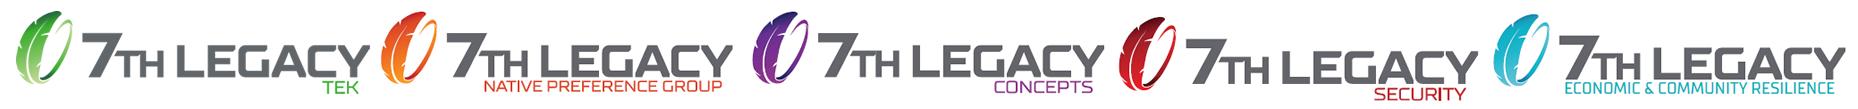 new-footer-logos